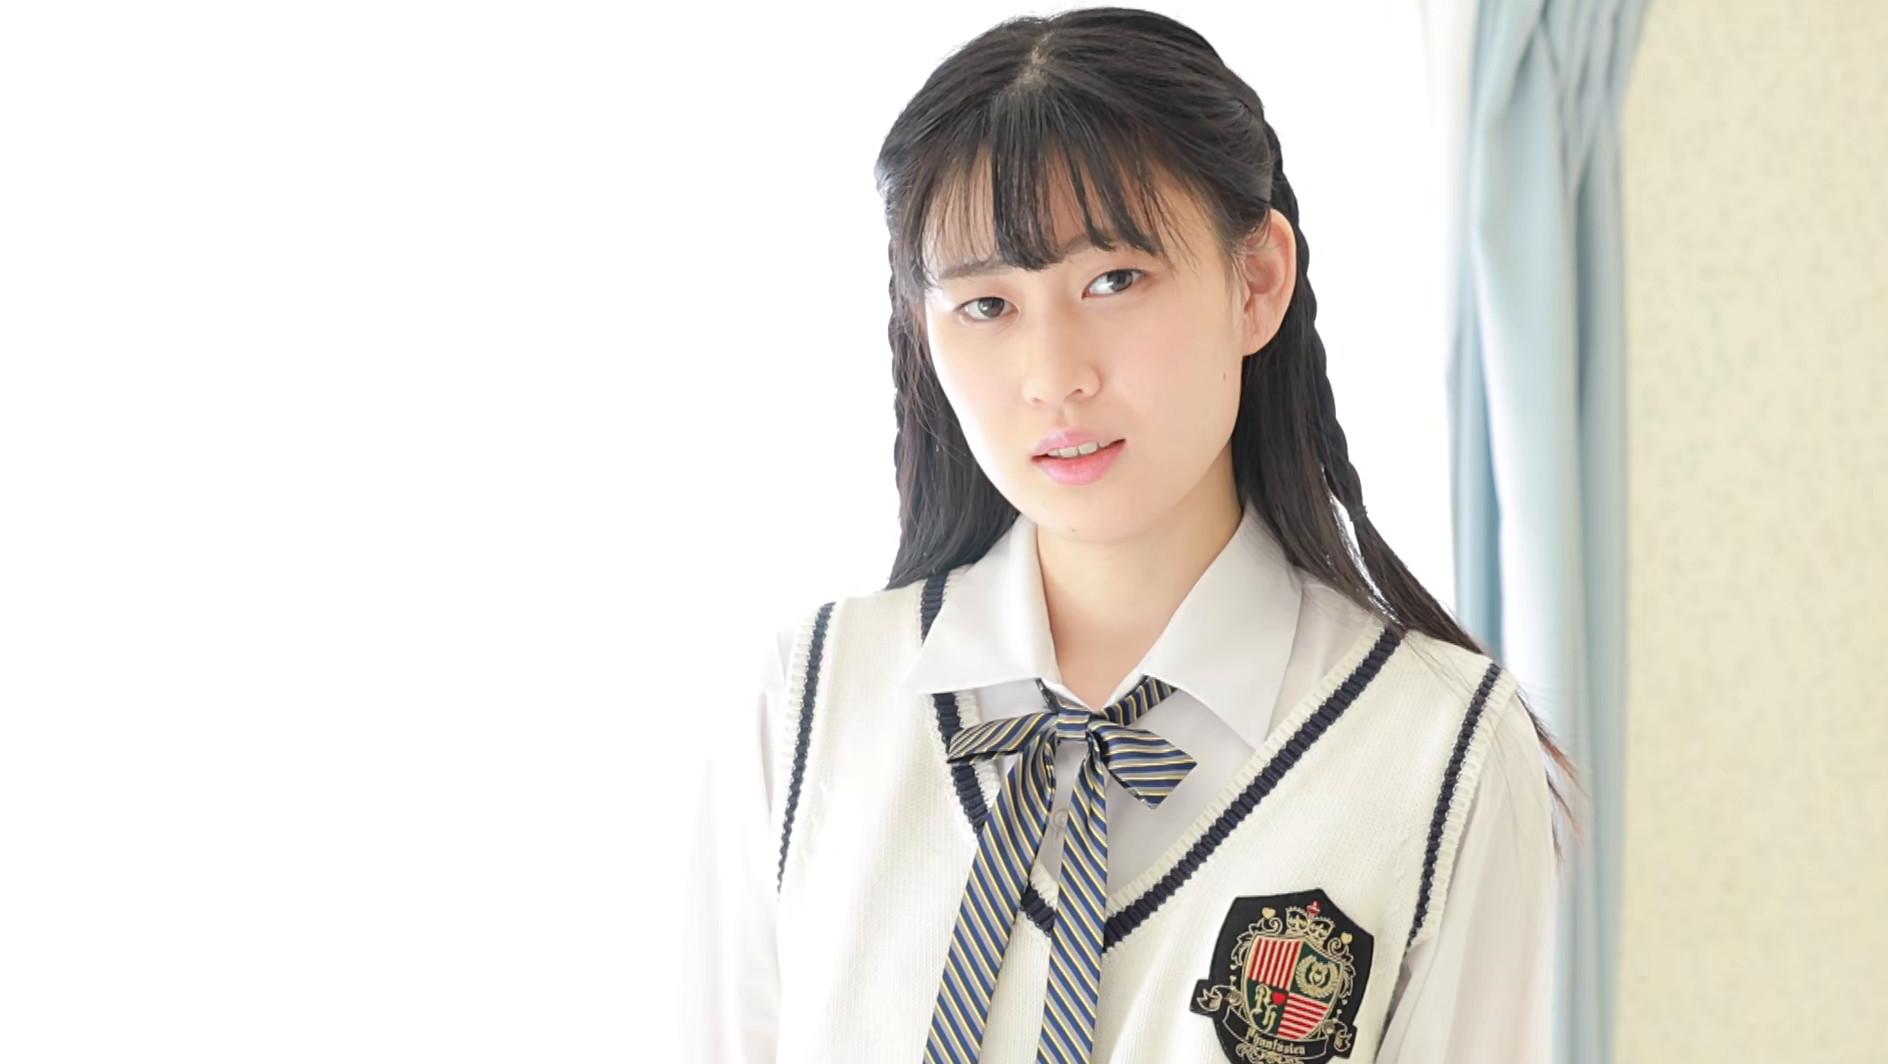 恋のスキャンダル 吉川瞳美 画像4